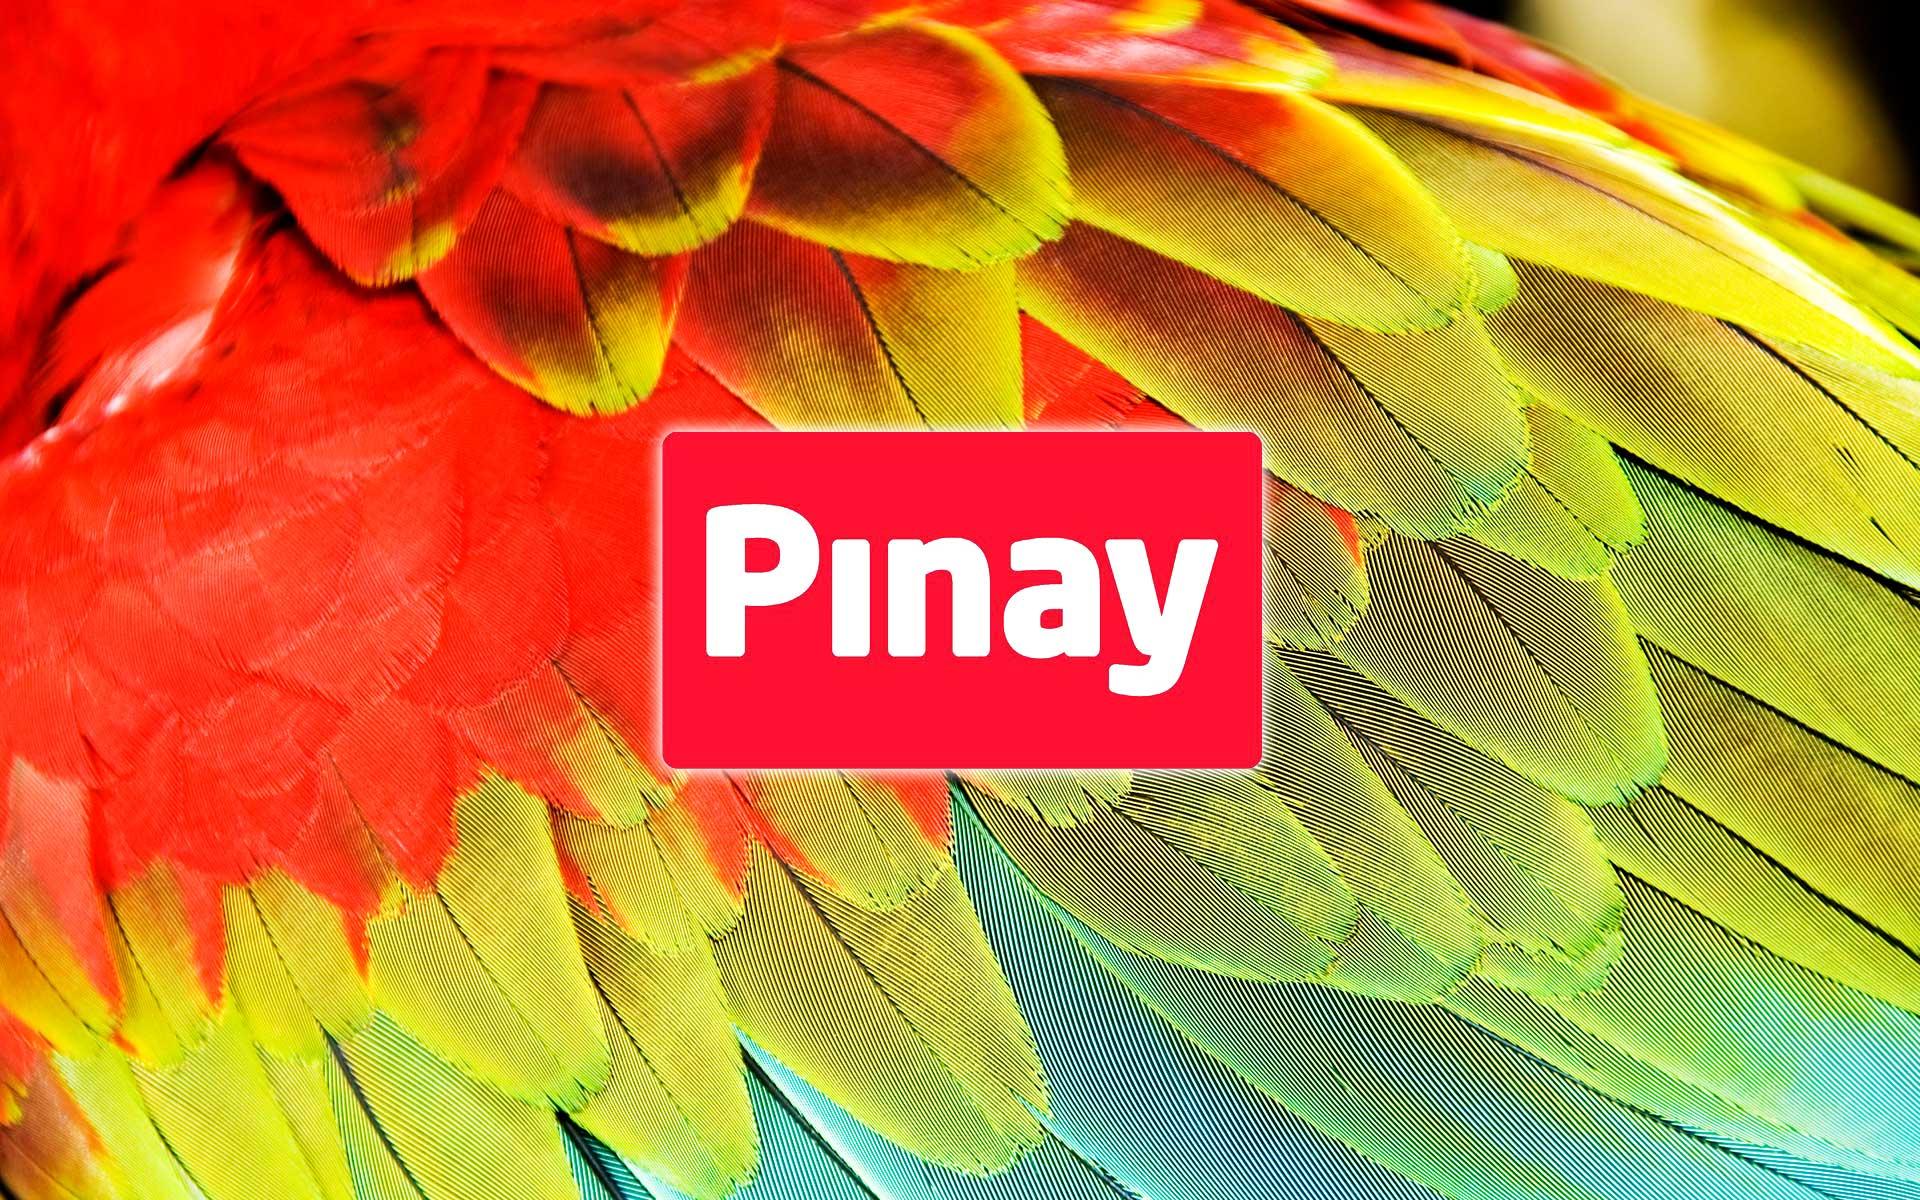 Pinturas Pinay